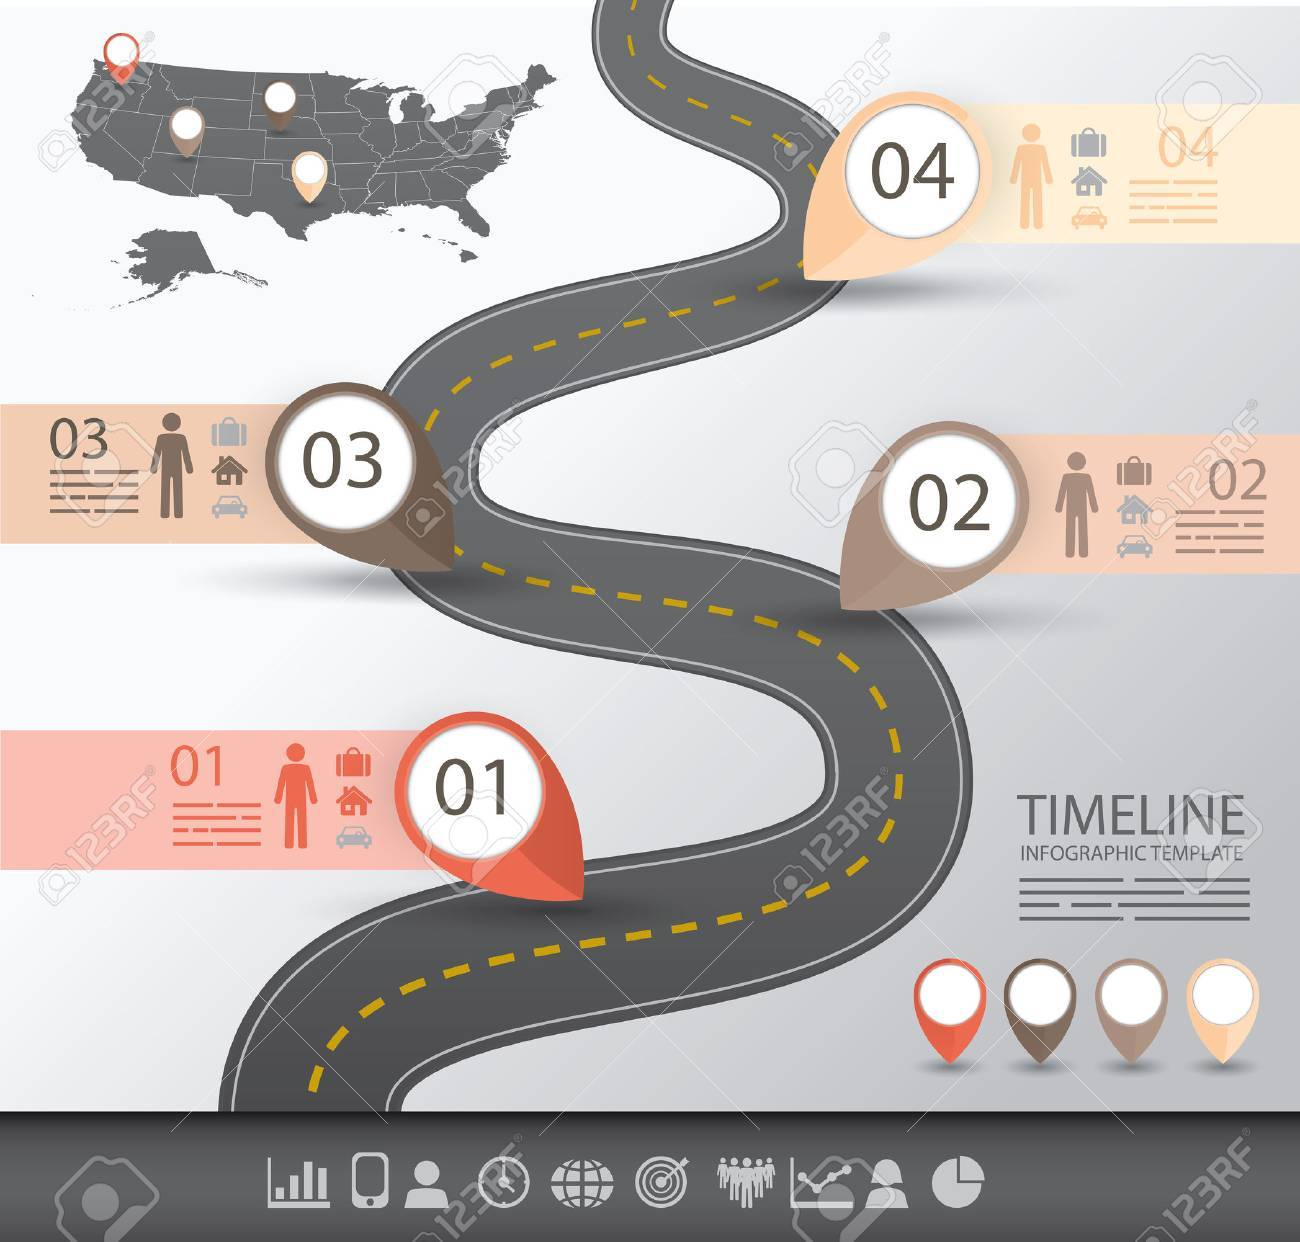 Timeline-Infografik-Vorlage Mit Einer Straße Und Navigationszeiger ...